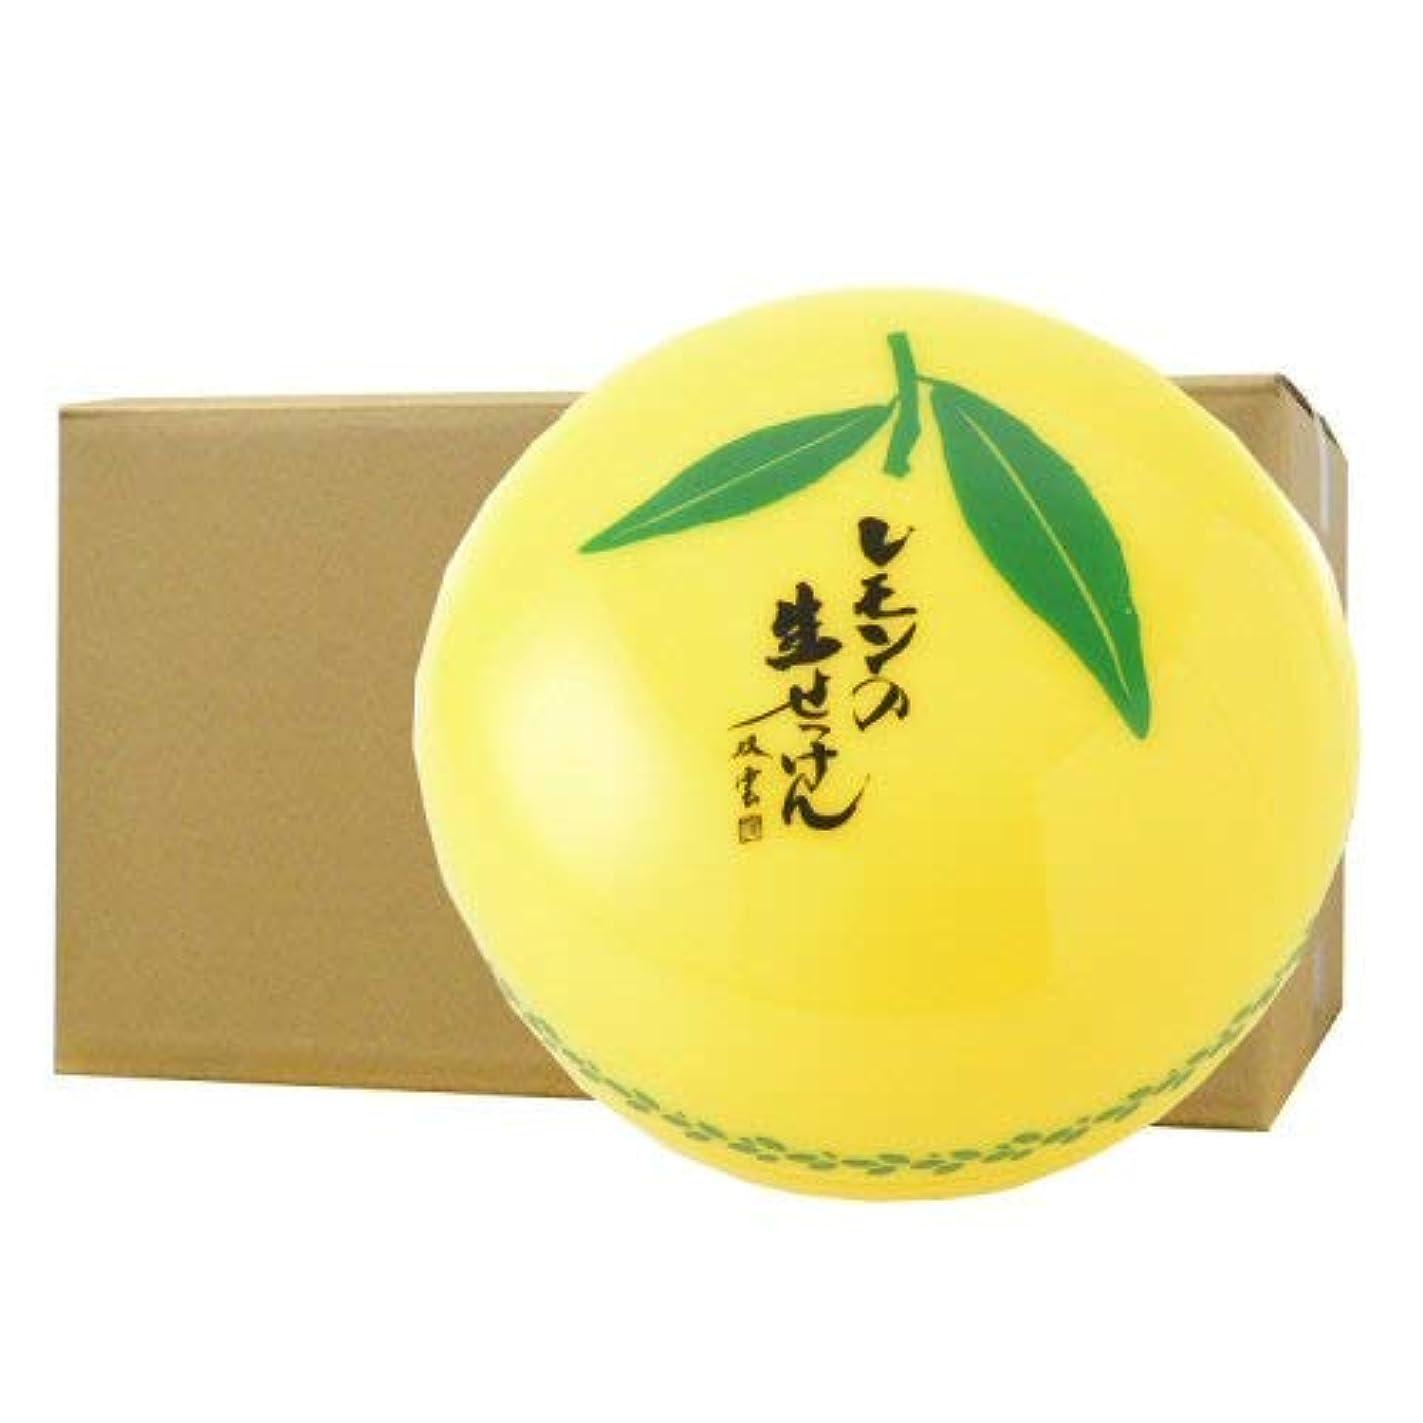 マニフェスト混雑おびえた美香柑 レモンの生せっけん 洗顔石けん 無添加 スパチュラ?泡立てネット付 大容量 120g×24個ケース